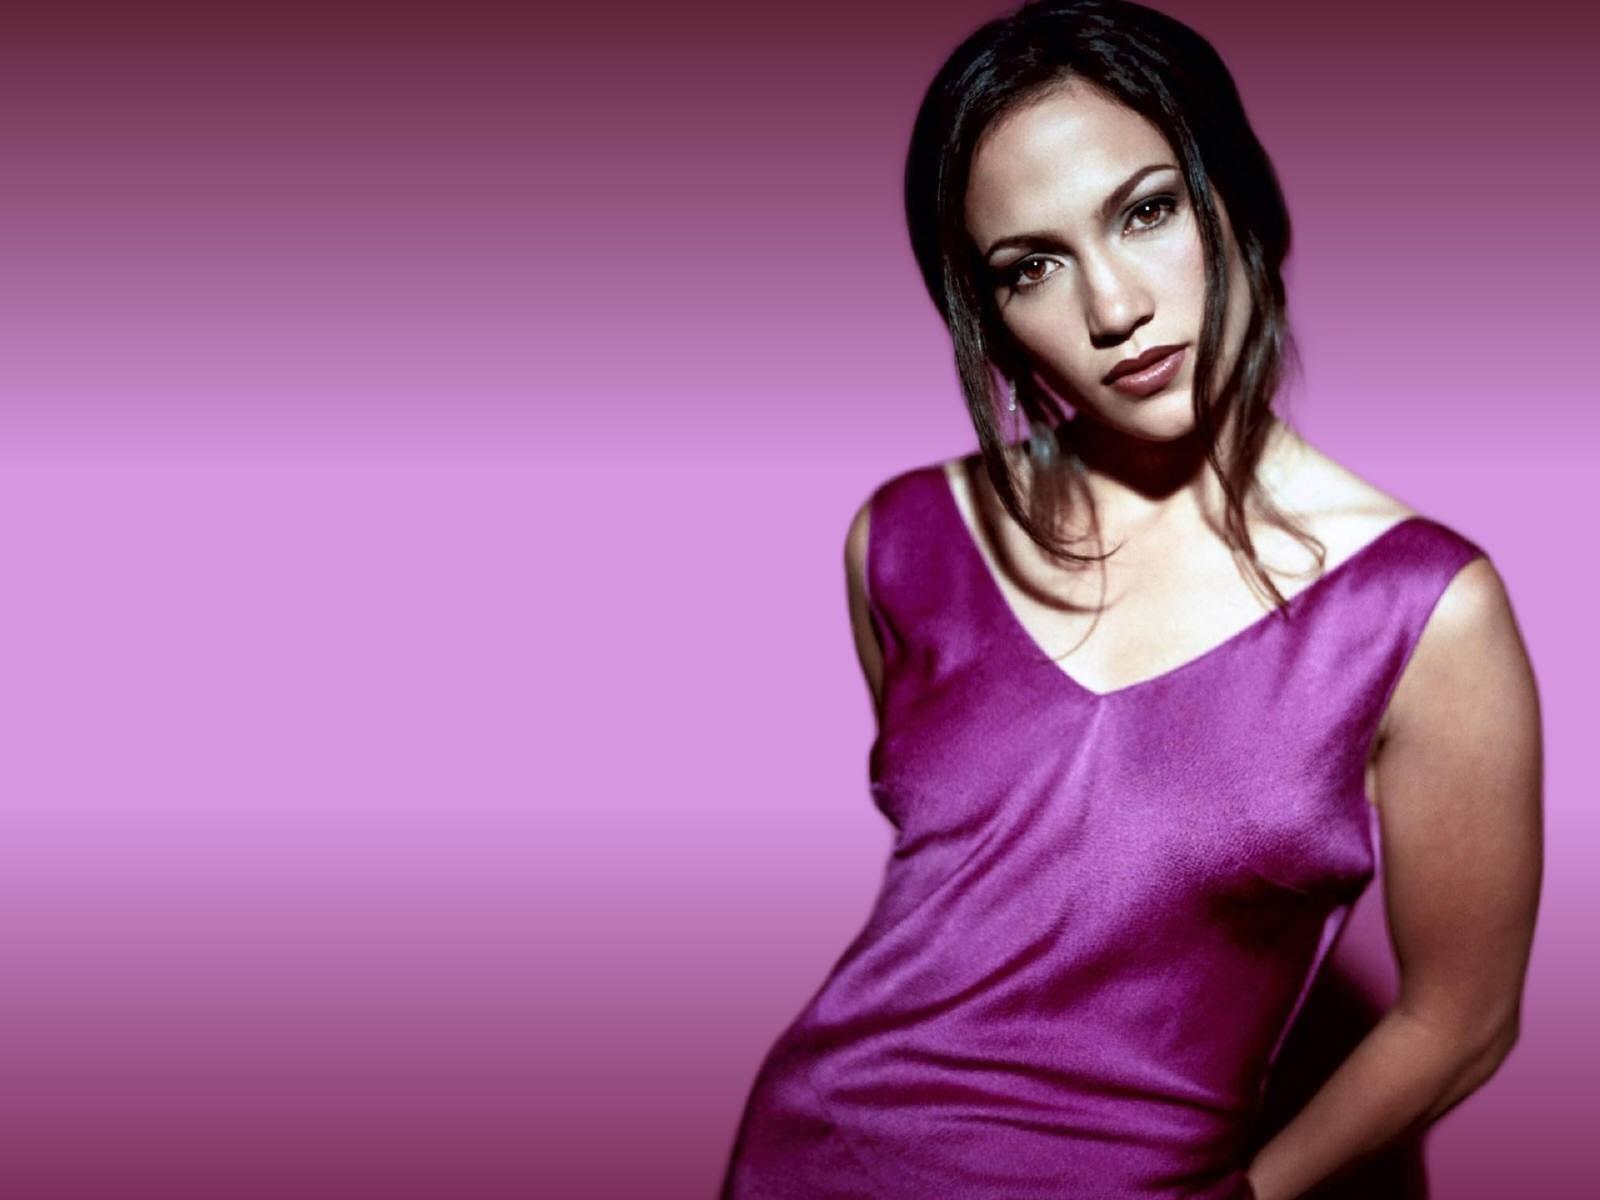 Wallpaper di Jennifer Lopez in abito viola